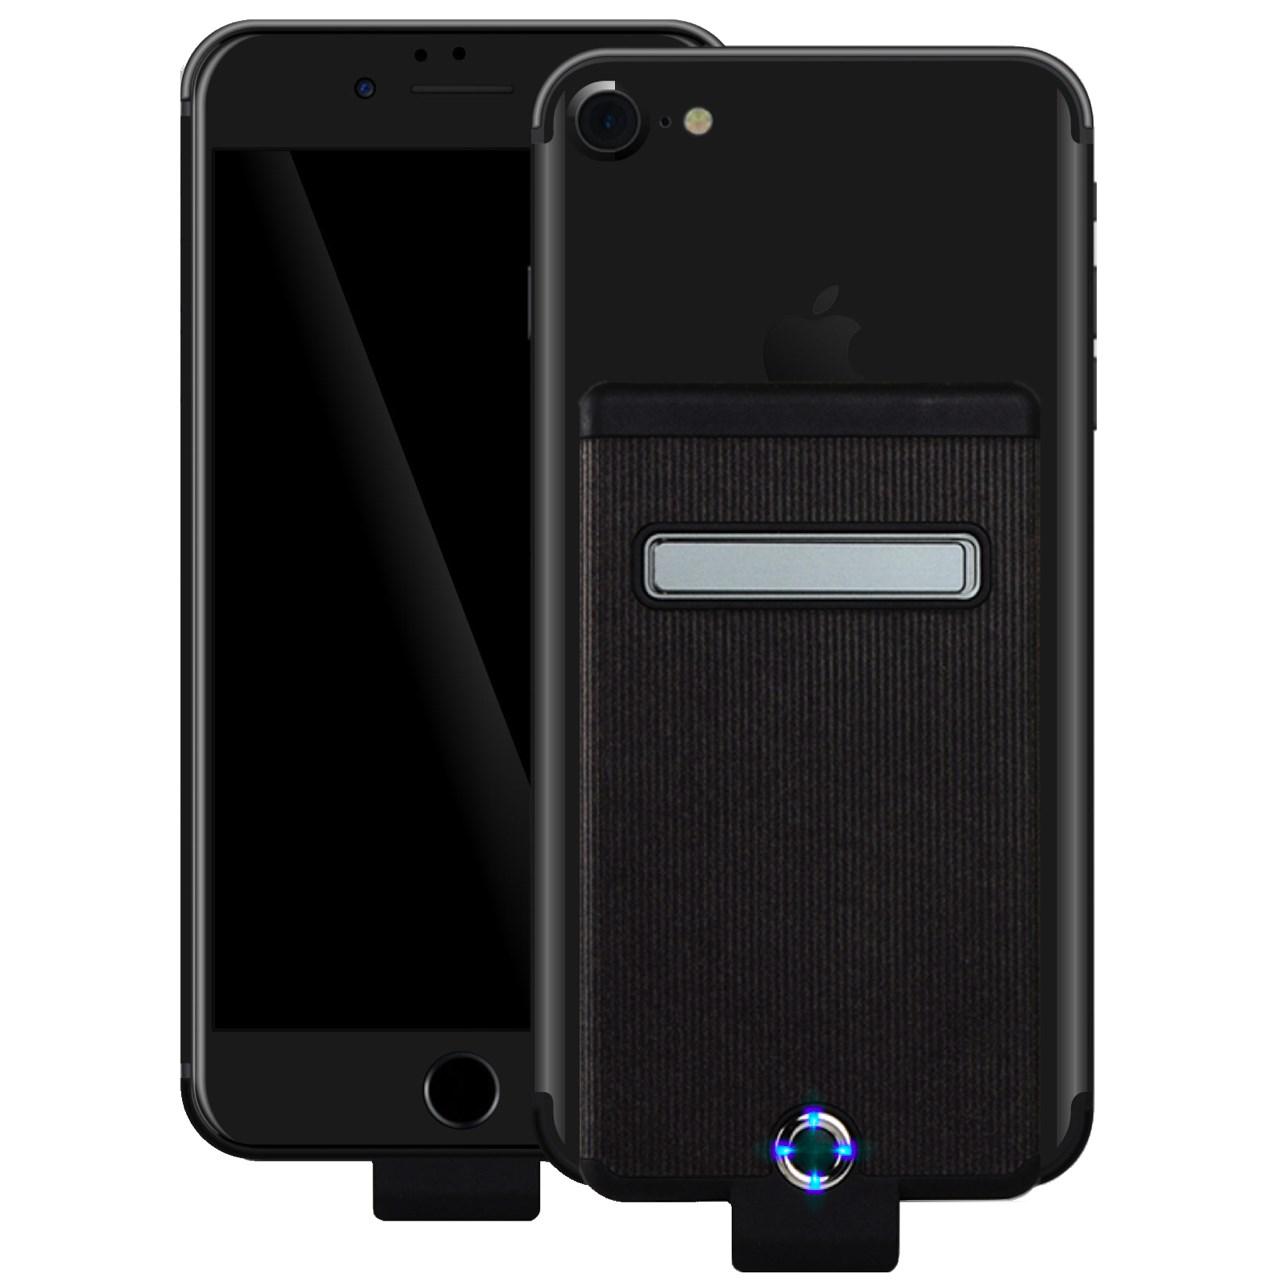 قیمت شارژر همراه ویکآپ ورلد مدل Back Clip Power ظرفیت 5000 میلی آمپر ساعت مناسب برای iphone 8